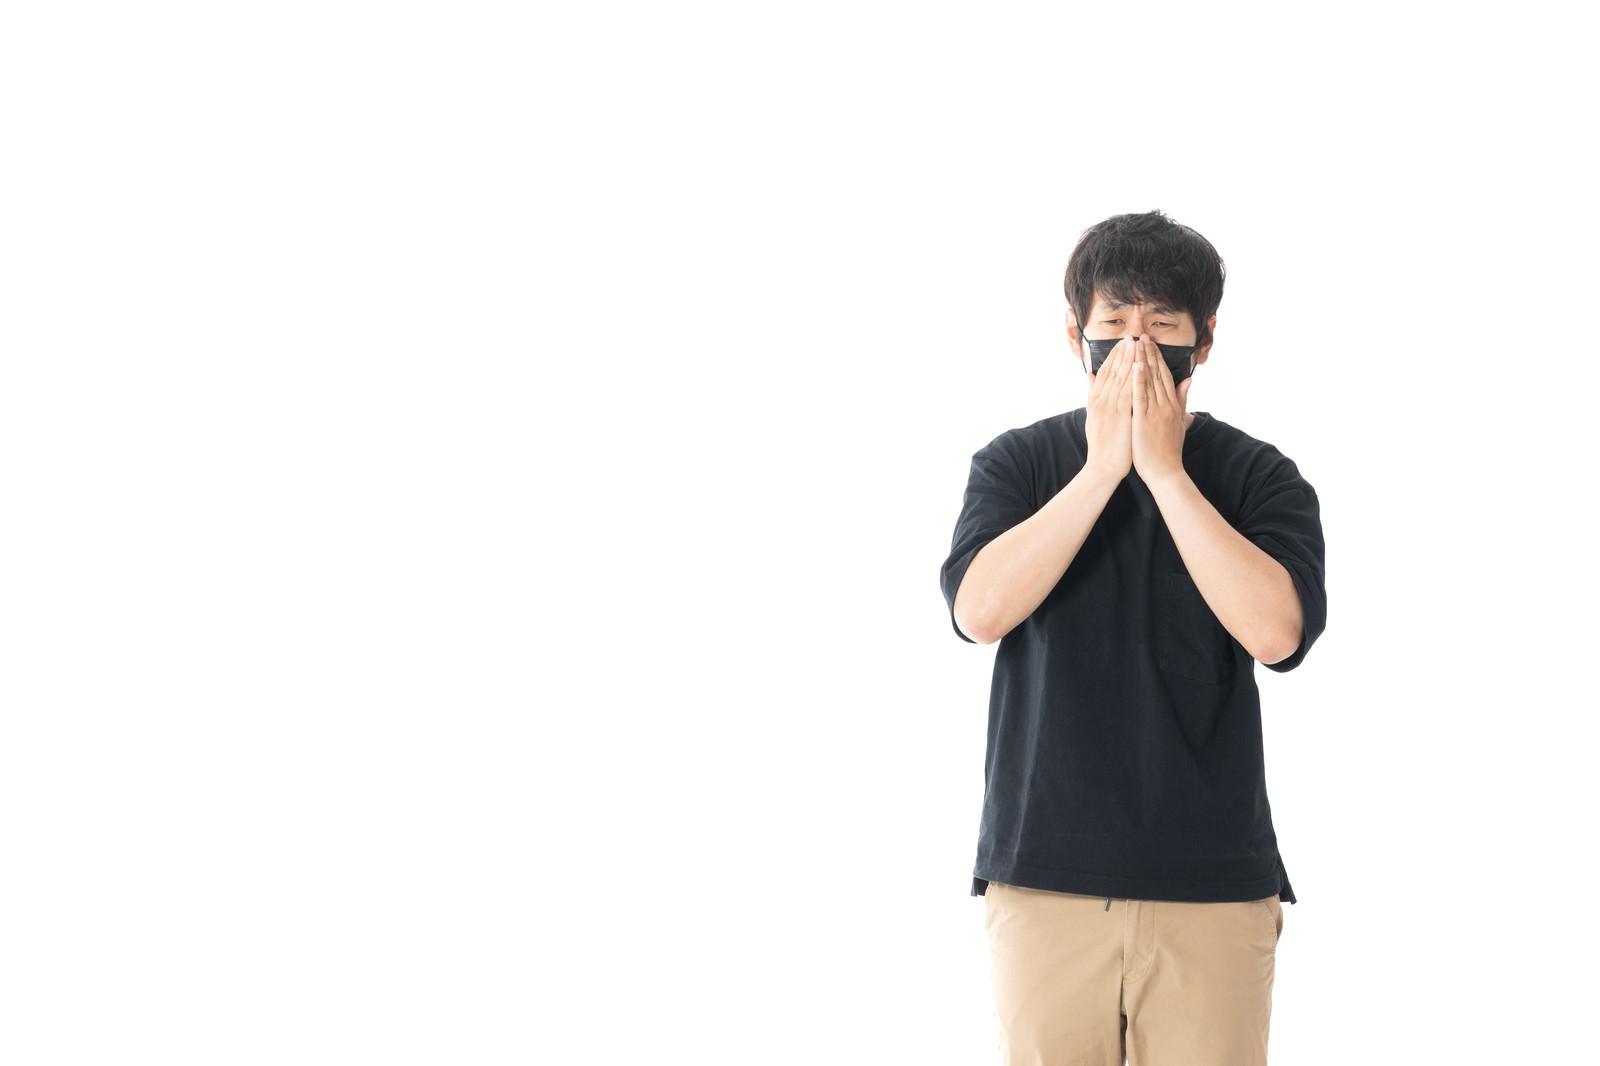 「うわっ…私の黒いマスク似合わなすぎ」の写真[モデル:大川竜弥]